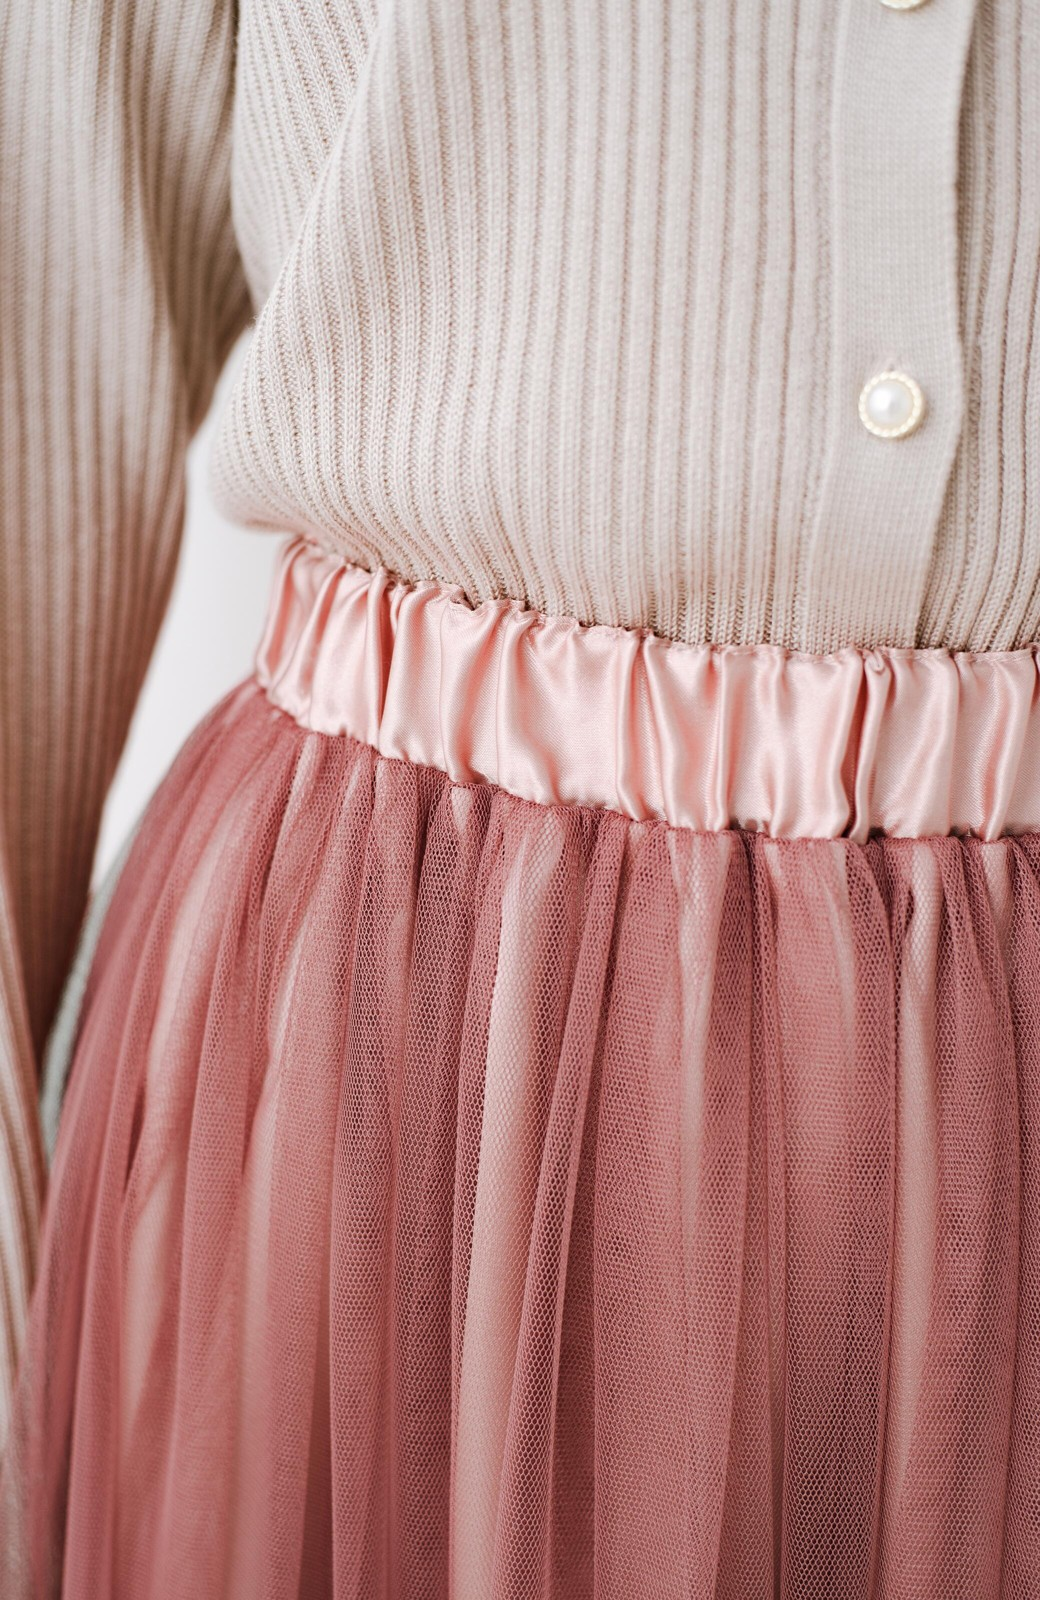 haco! 着るだけでルンとした気分になる! 長ーーい季節着られてずっと使えるオトナのためのチュールスカート <ピンク>の商品写真15